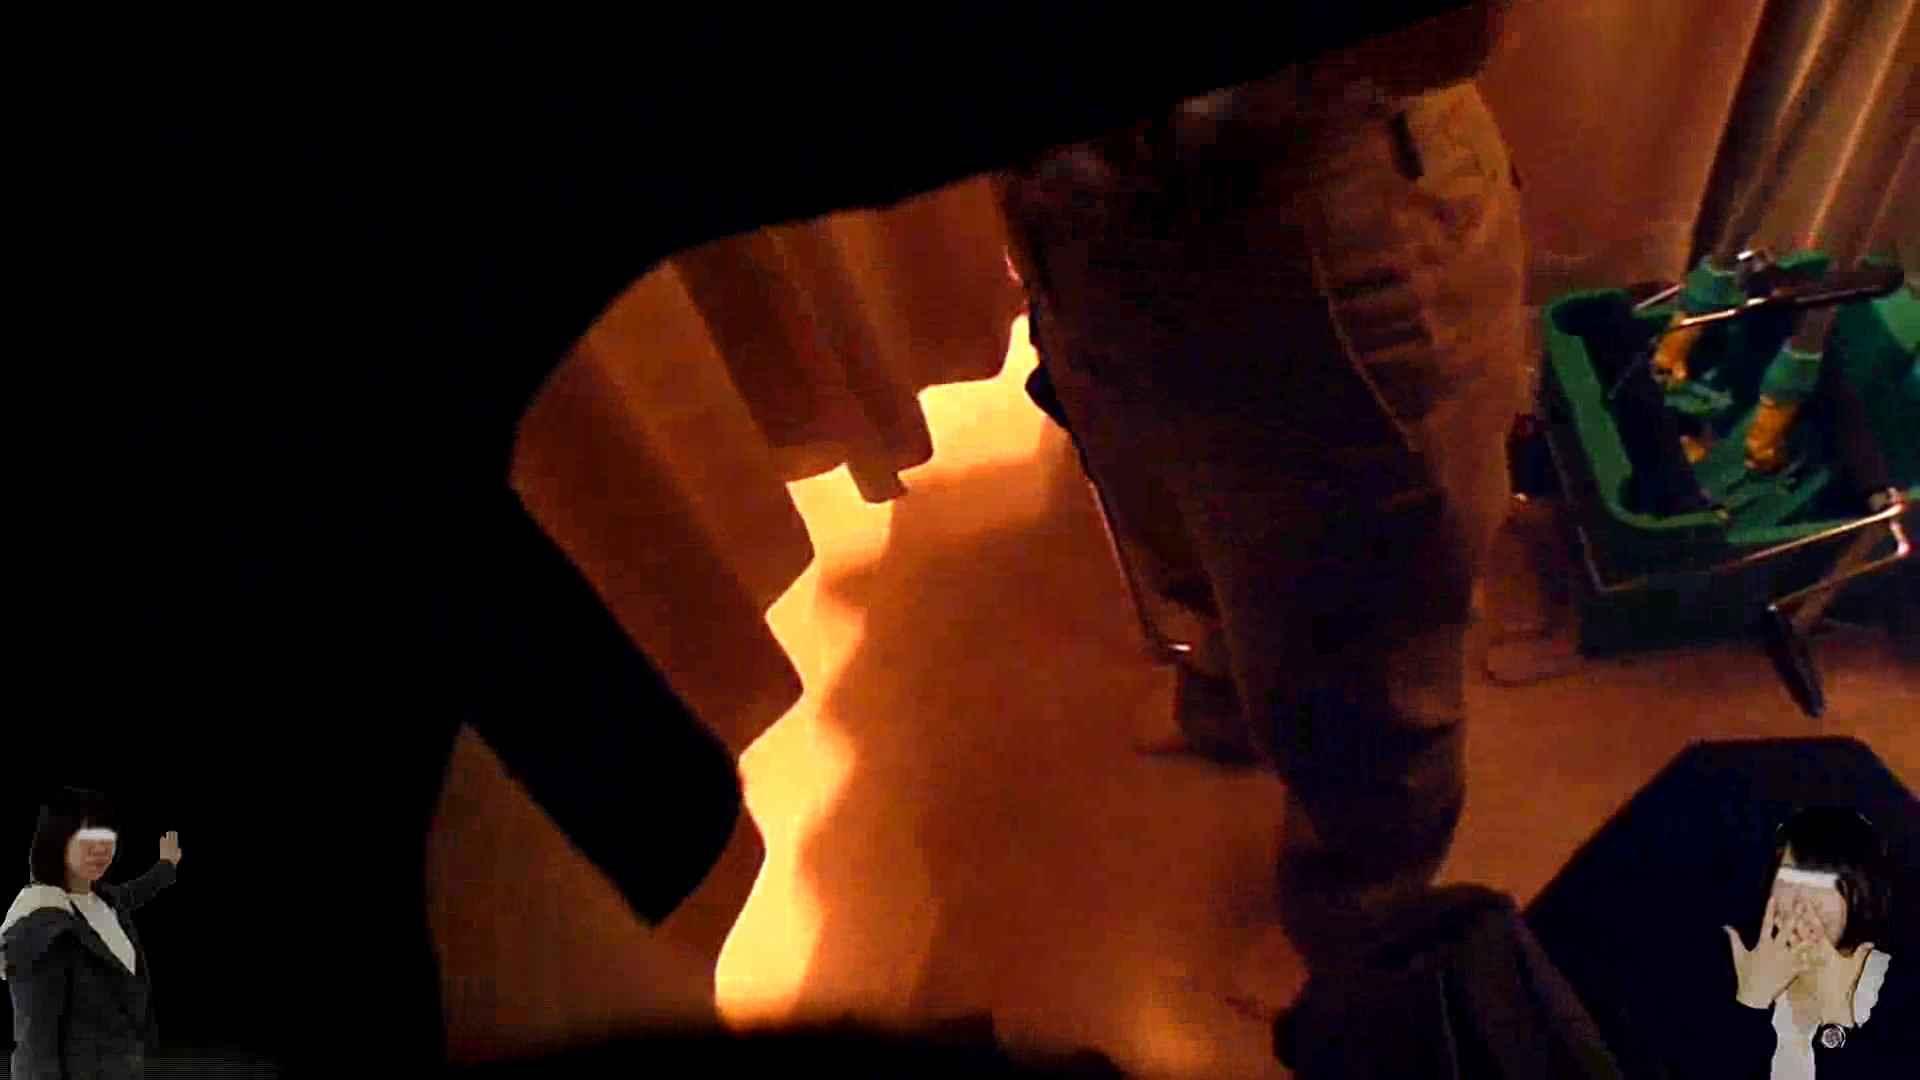 素人投稿 現役「JD」Eちゃんの着替え Vol.04 美しいOLの裸体   投稿  107pic 45